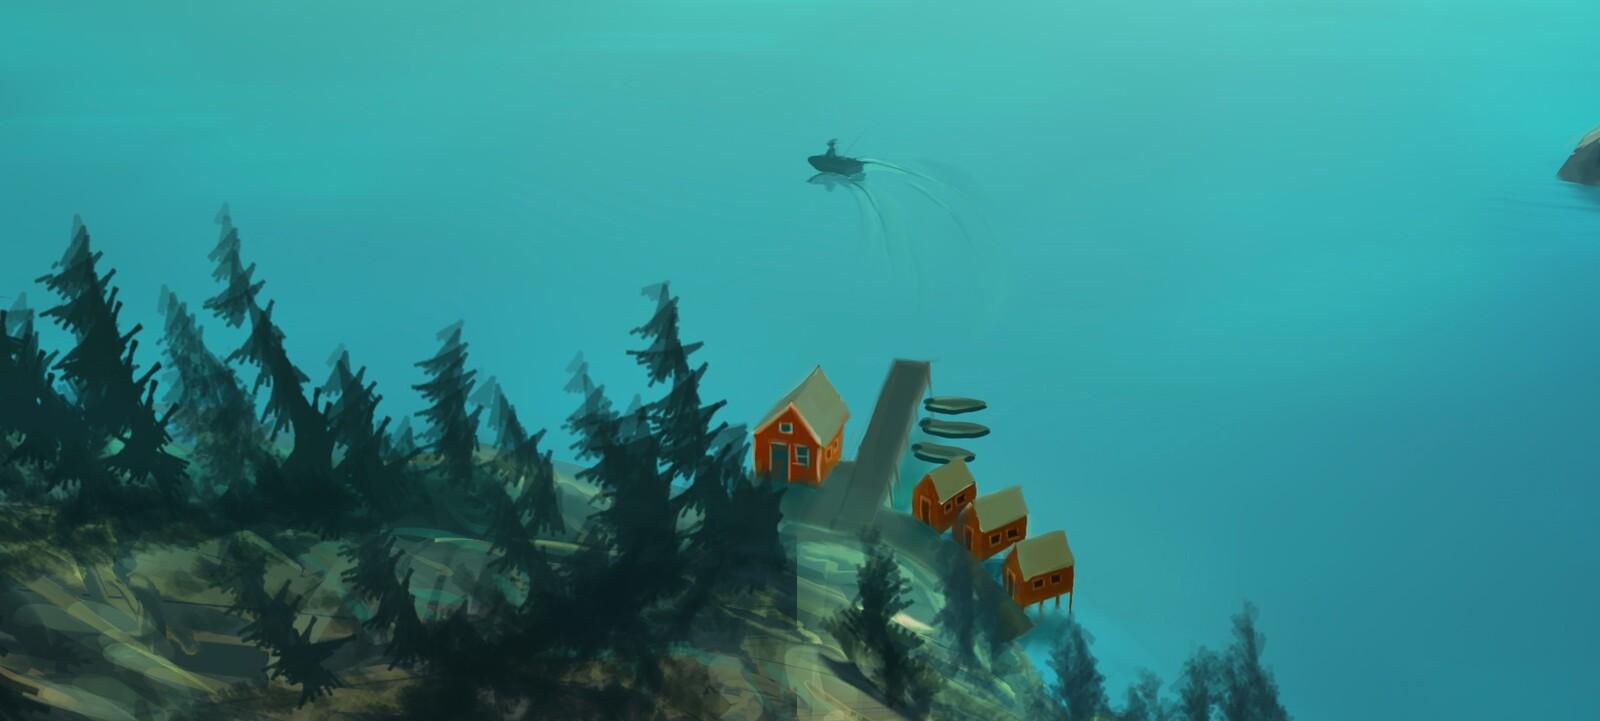 just below horizon - detail2 fishing lodge